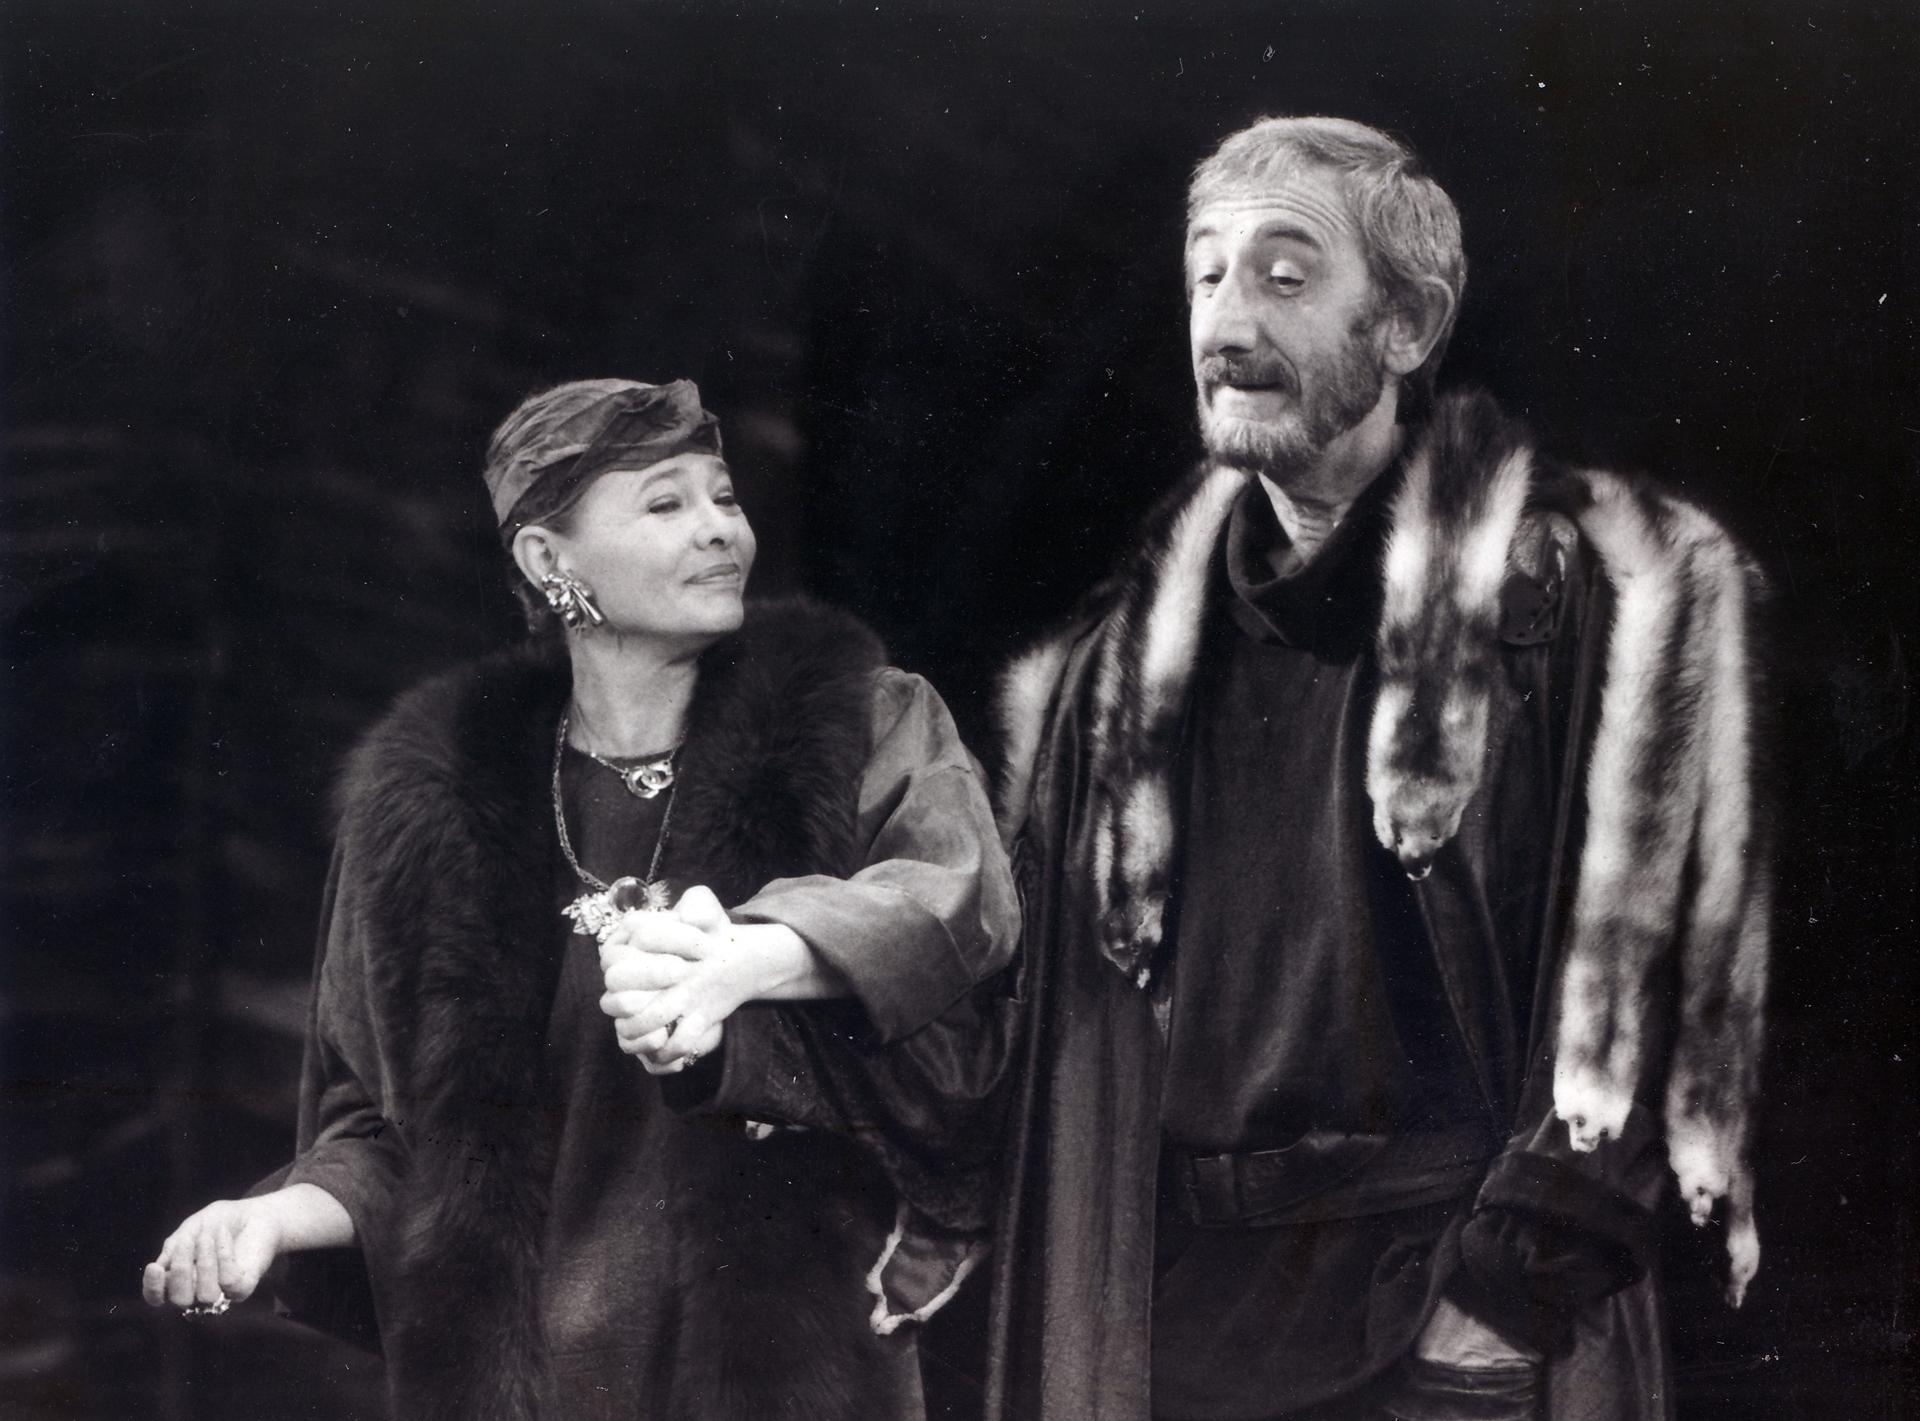 Az oroszlán télen című színdarab bemutatóján a budapesti József Attila Színházban (Fotó: Smag Archívum)